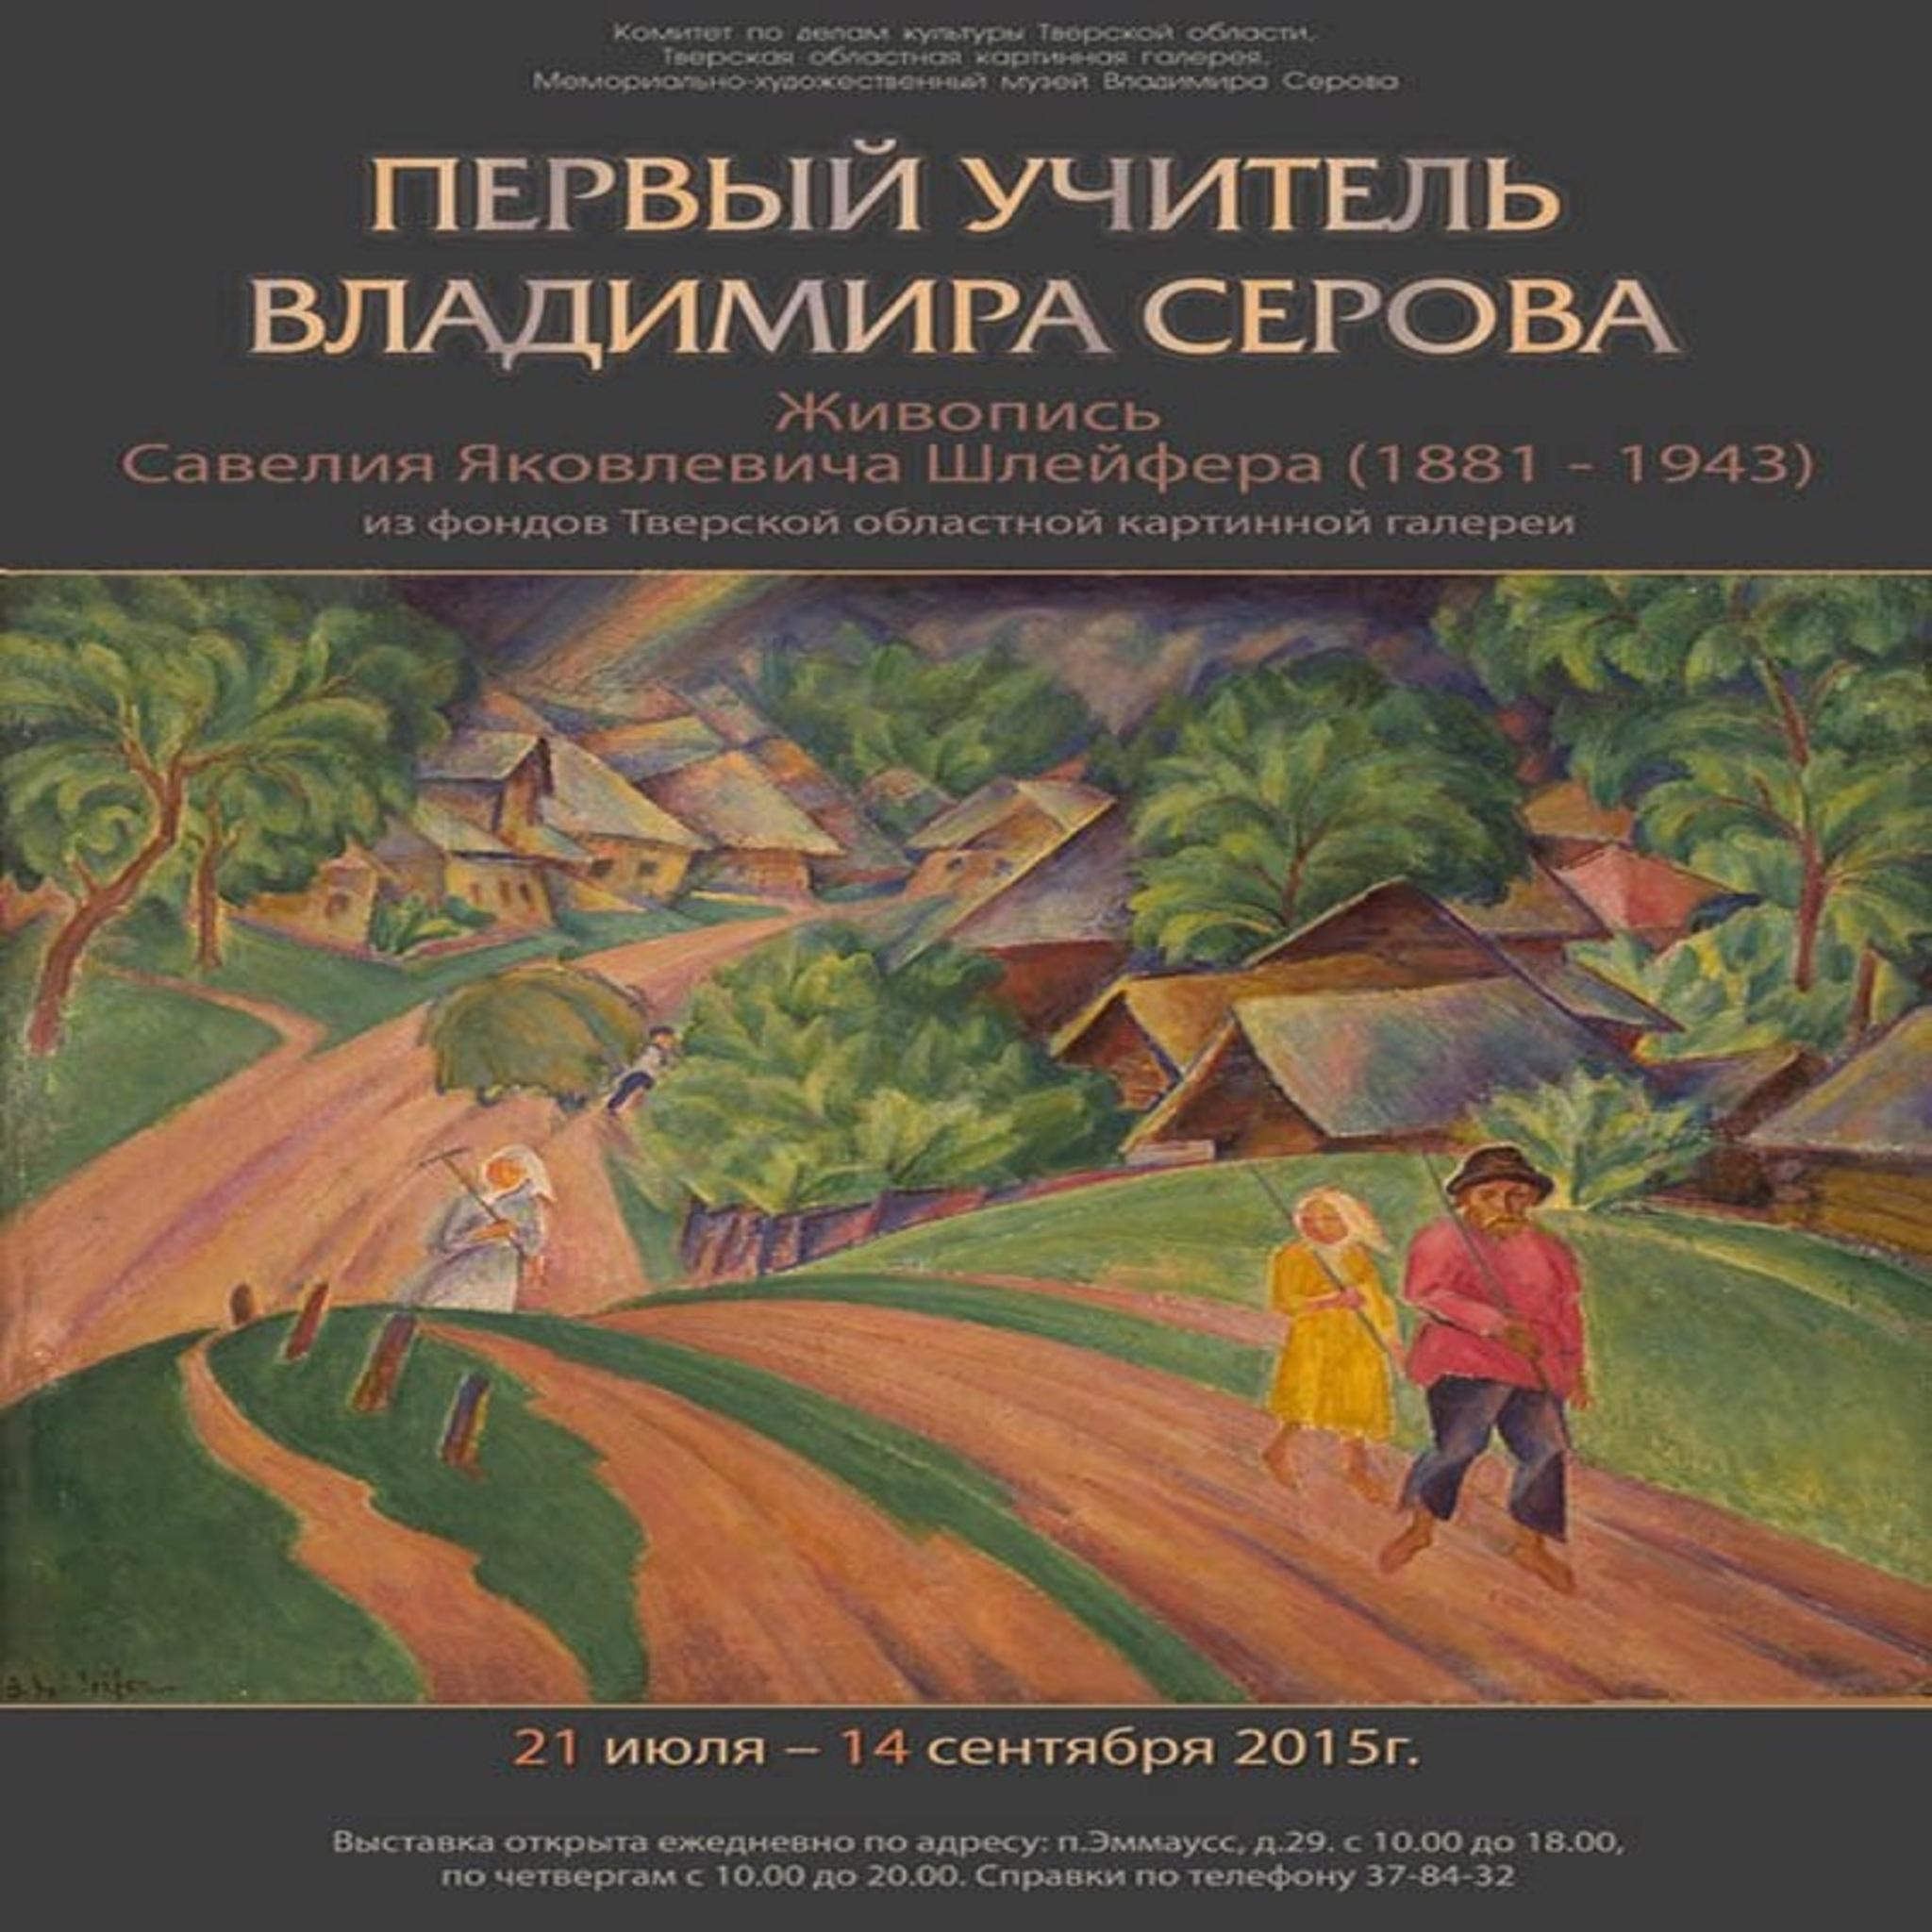 Выставка «Первый учитель Владимира Серова»